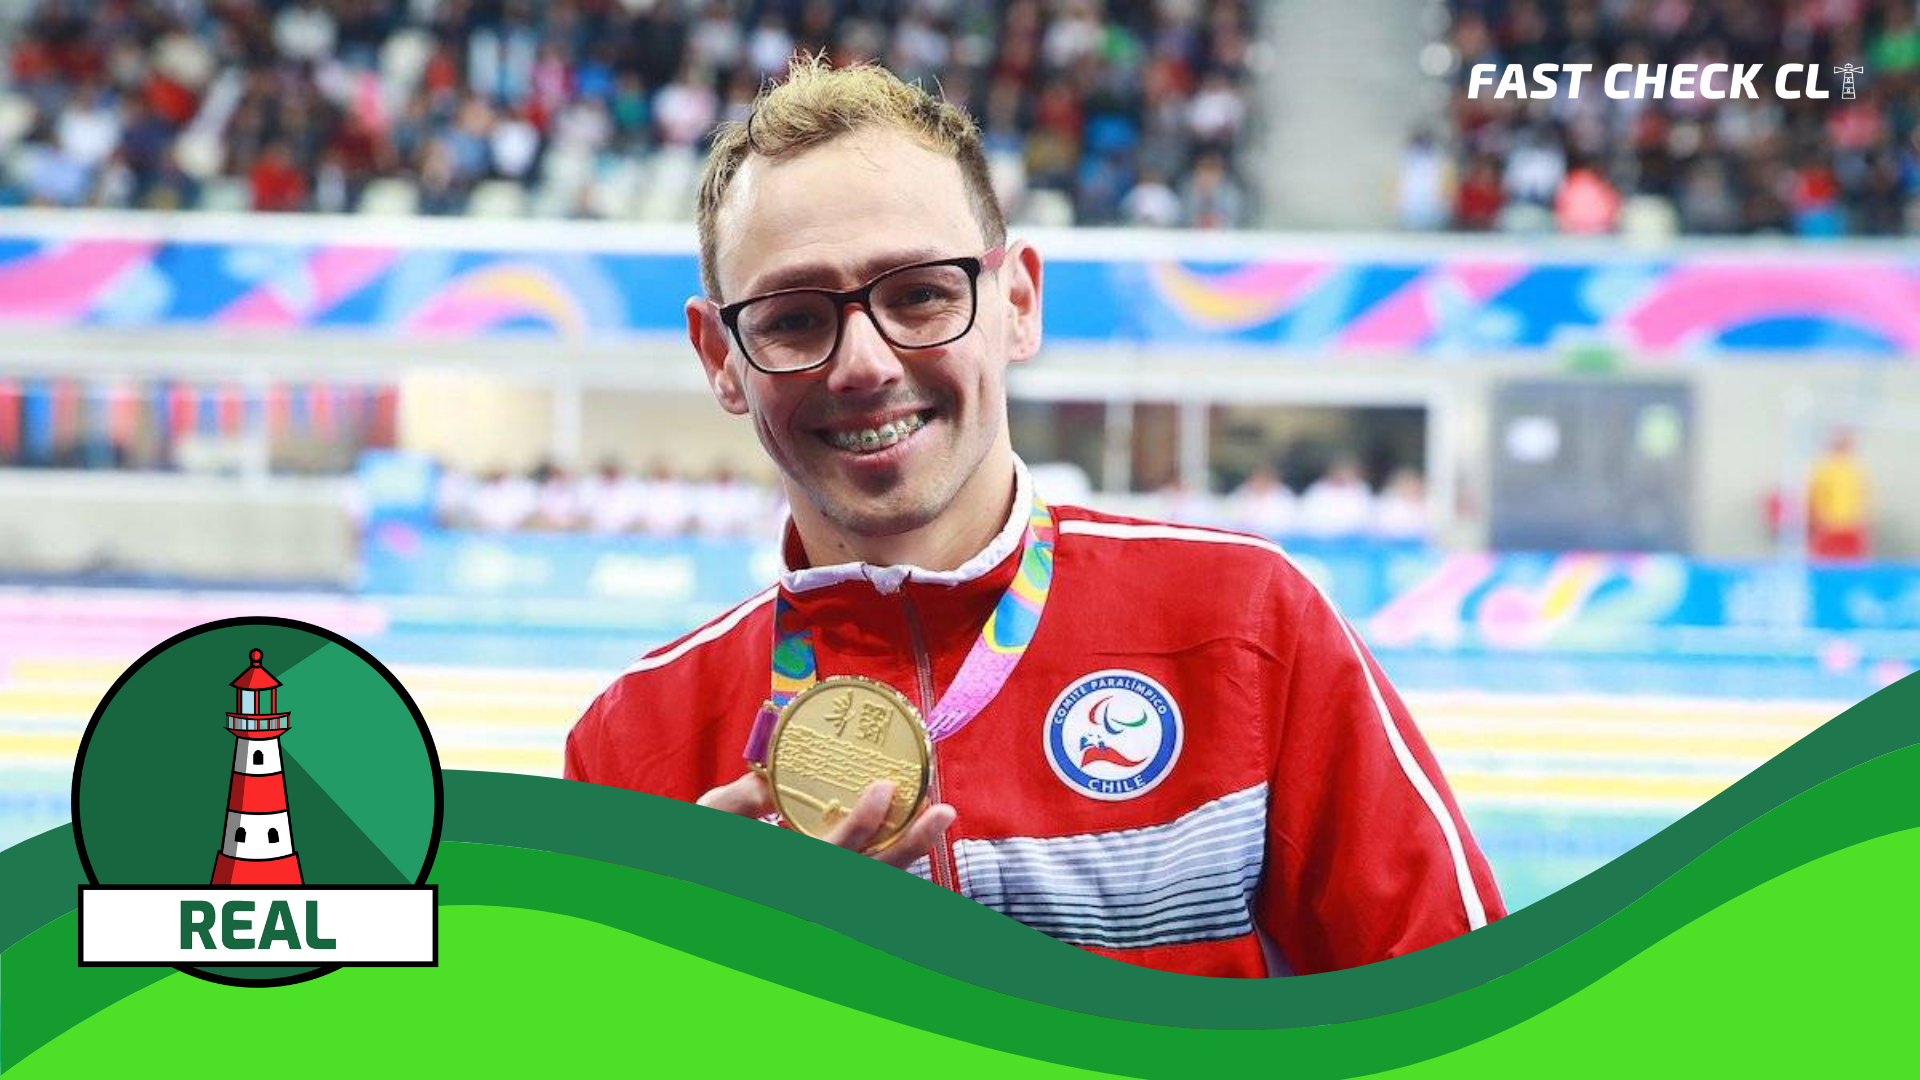 """Read more about the article """"Alberto Abarza es campeón paralímpico de natación en Tokio 2020, aprendió a nadar en la Teletón"""": #Real"""